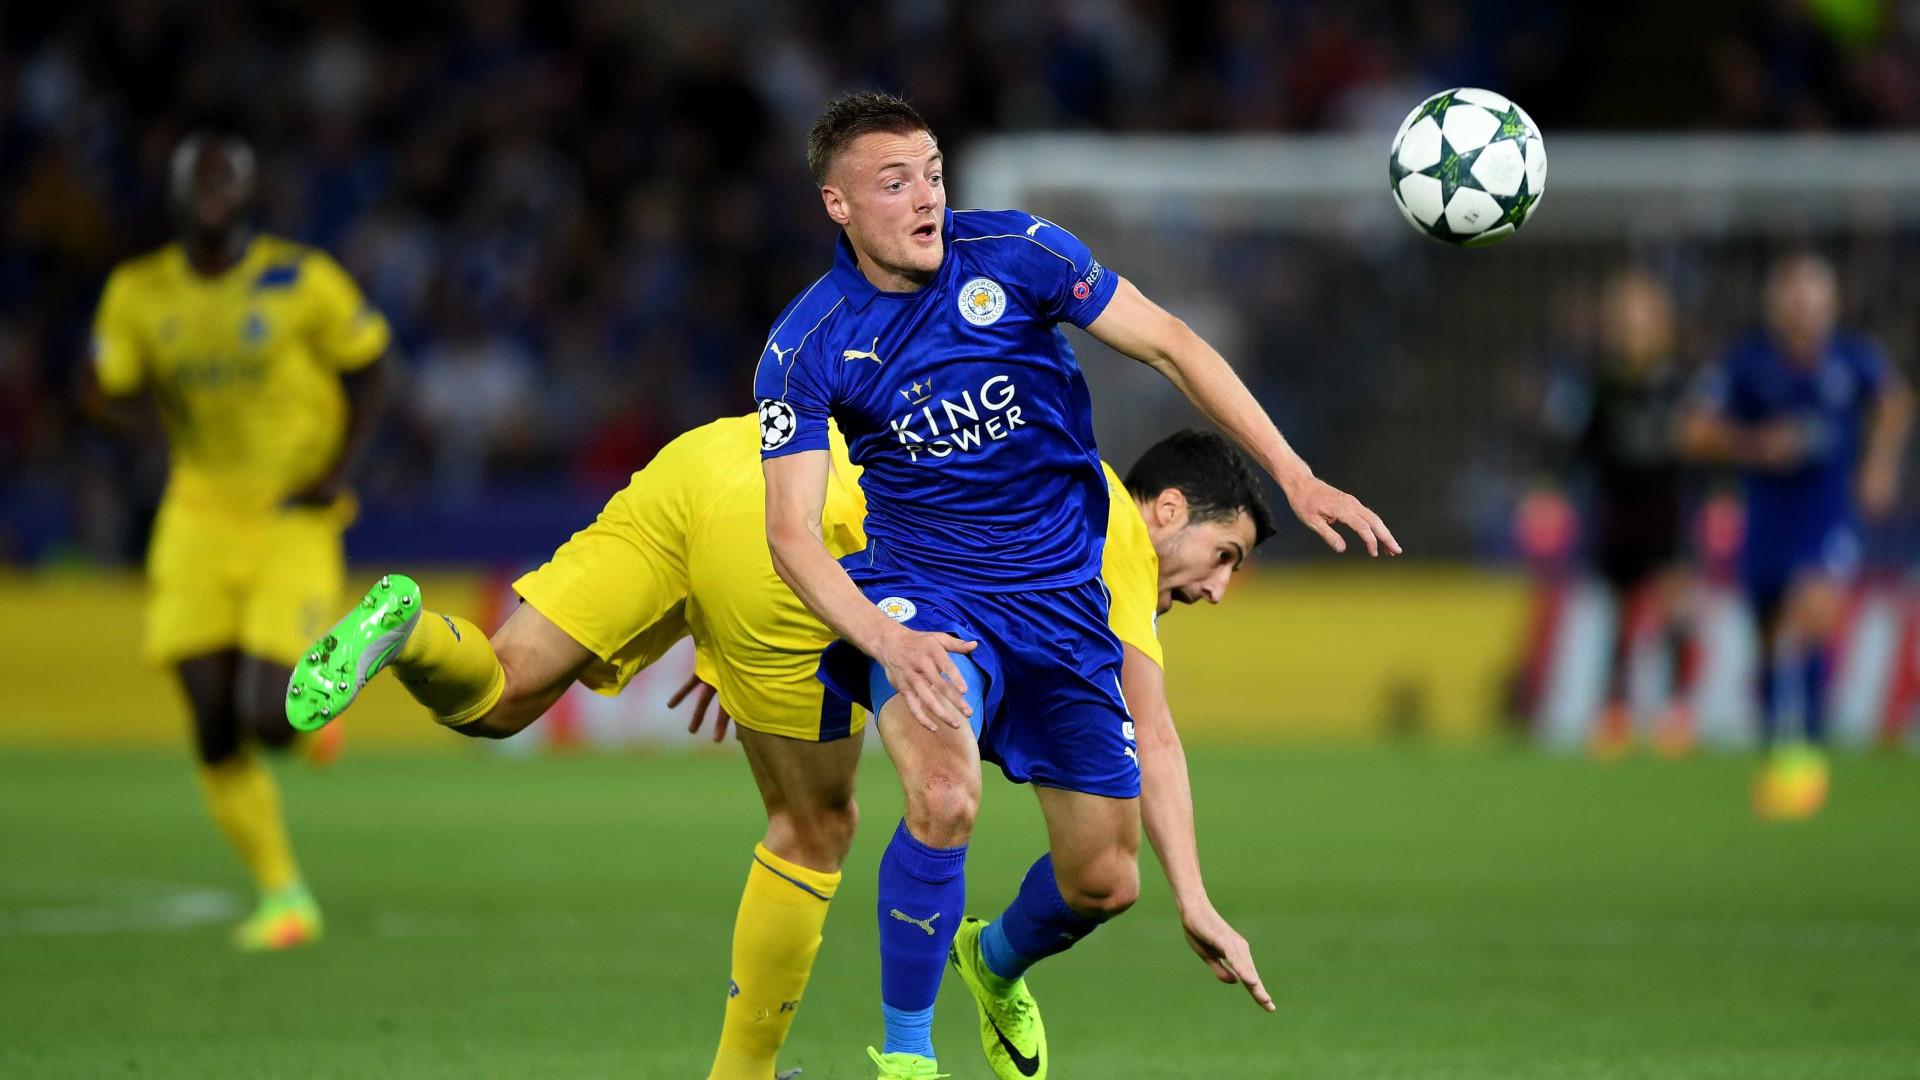 Chelsea está perto de contratar Ross Barkley, do Everton — Jornal